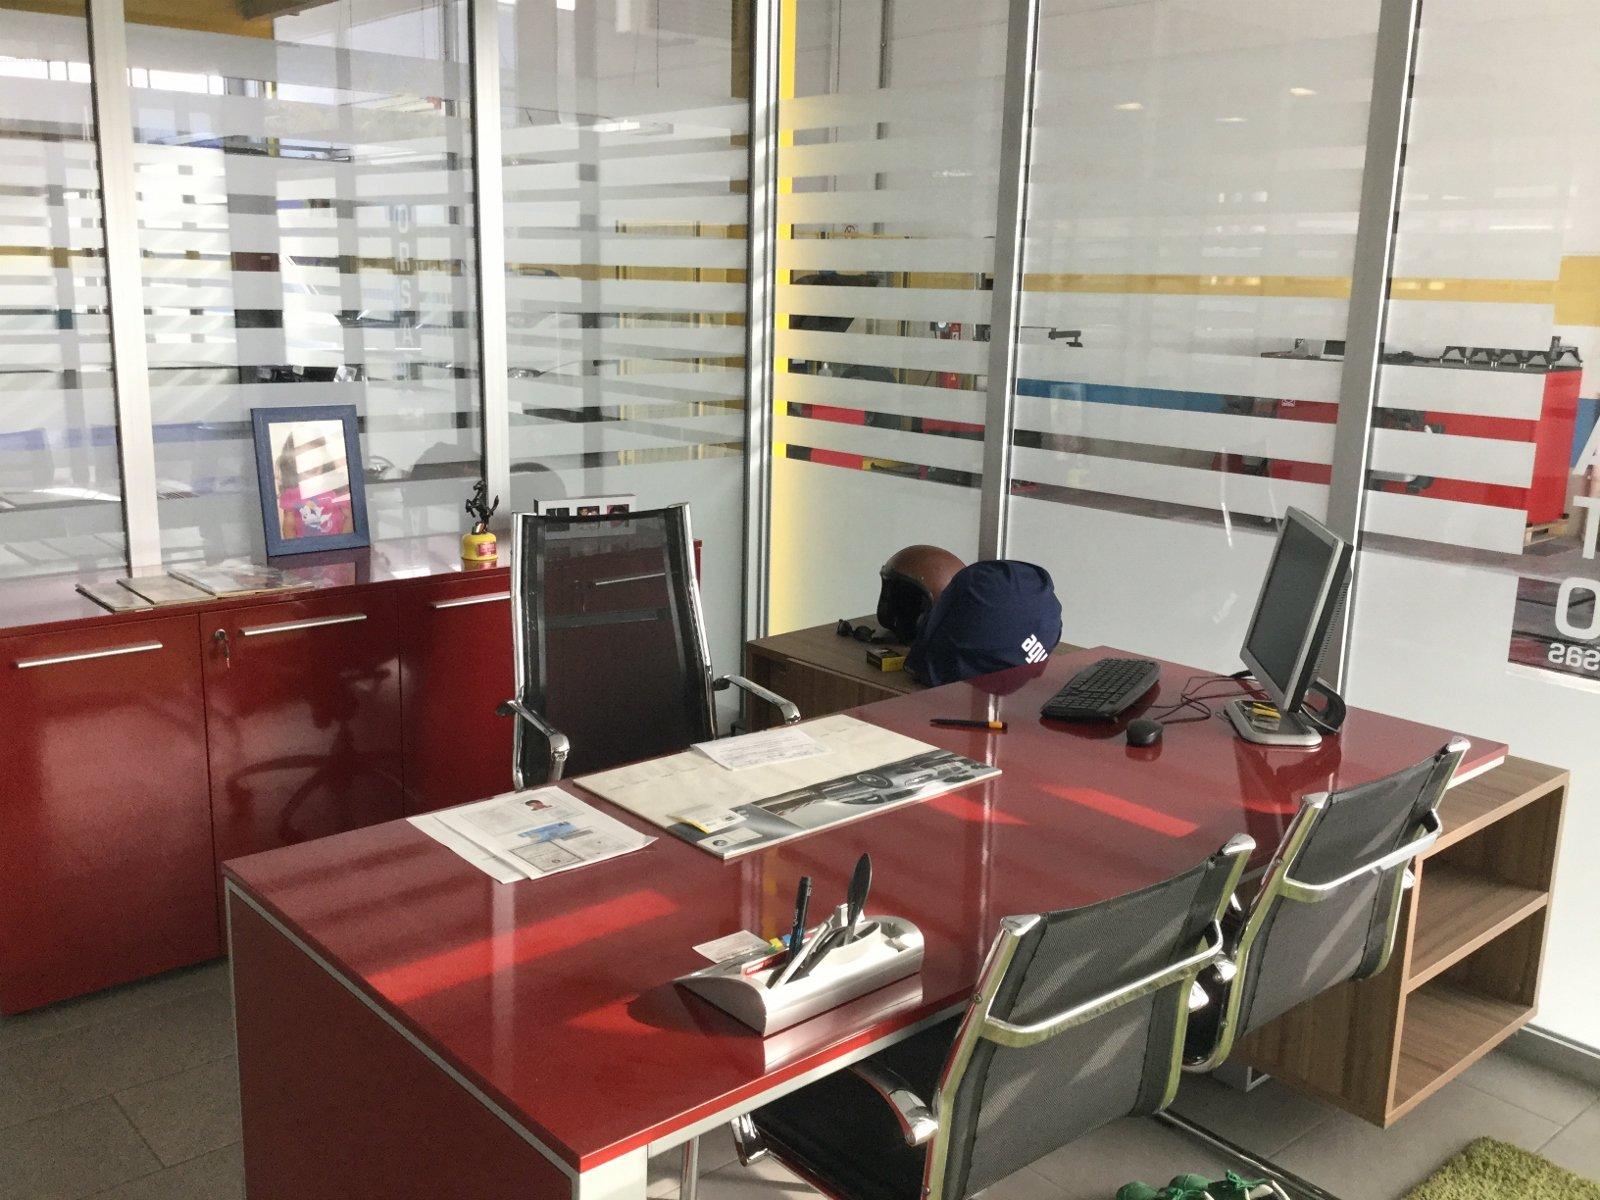 Ufficio della carrozzeria